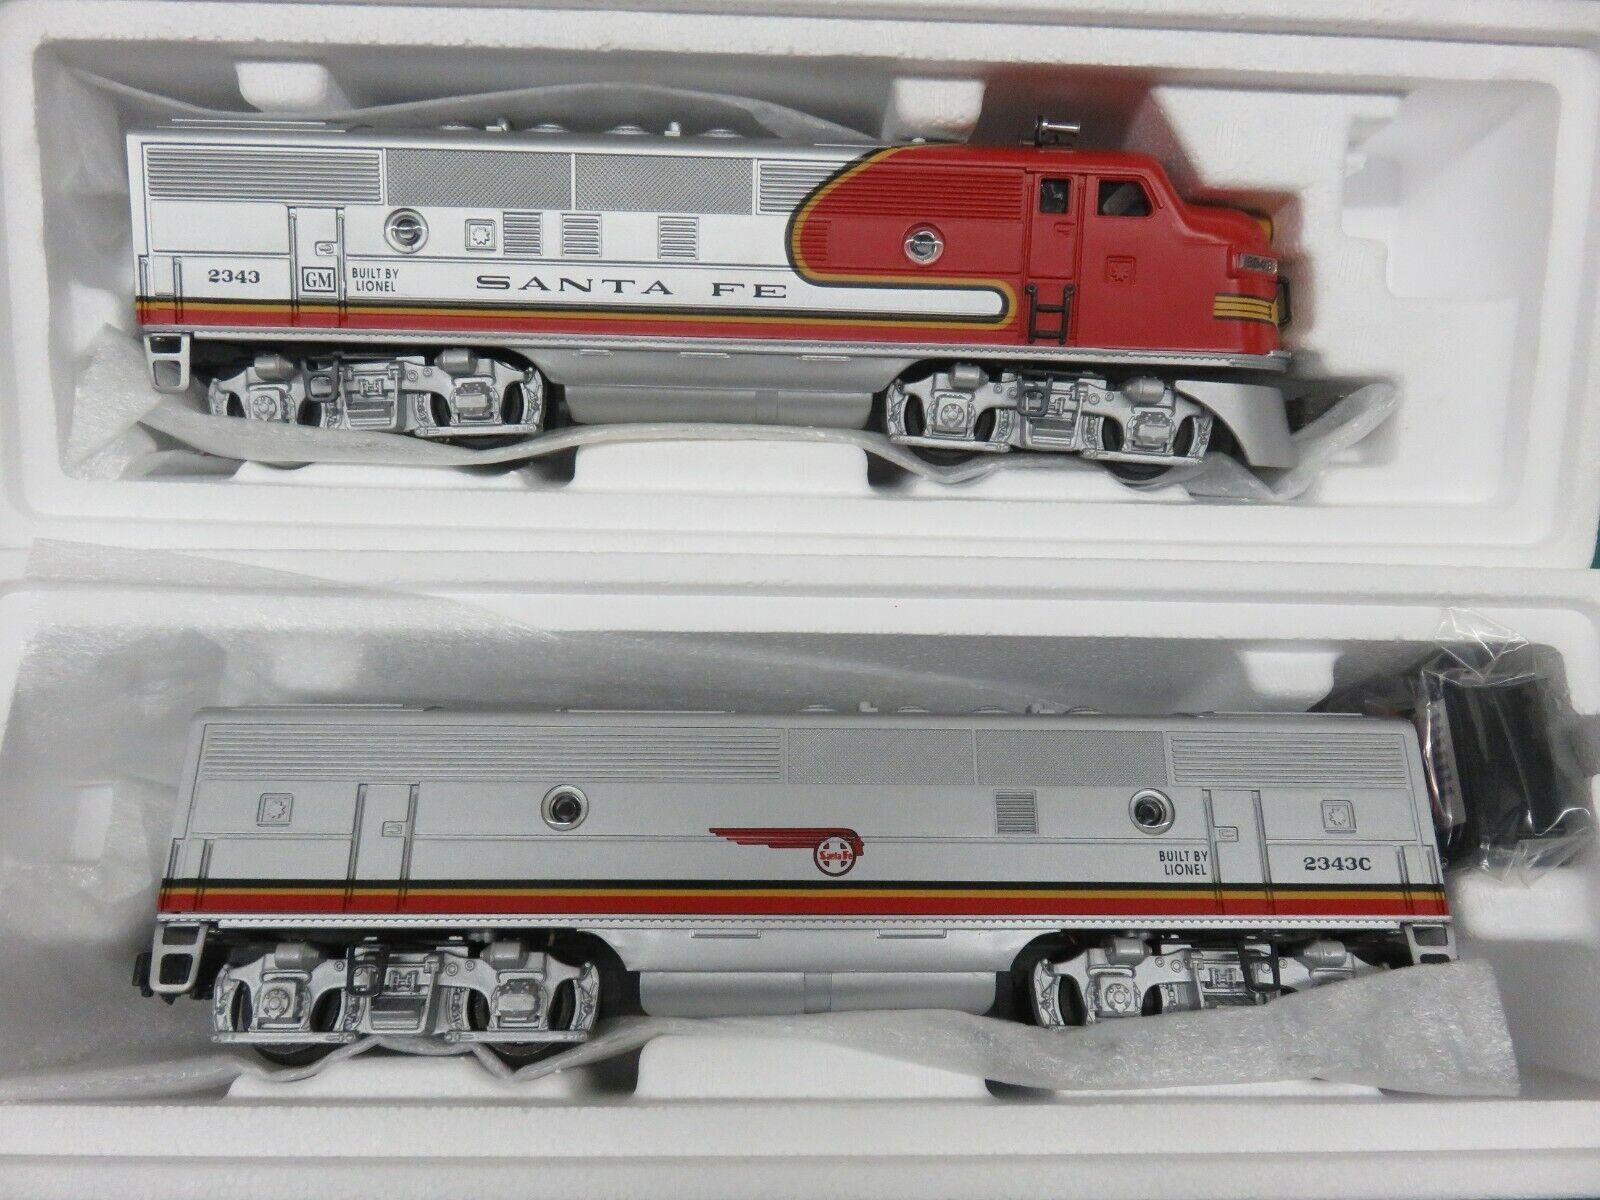 O Gauge Lionel 2343 Santa Fe F-3 A B Diesel Locomotive 6-18128 6-18129